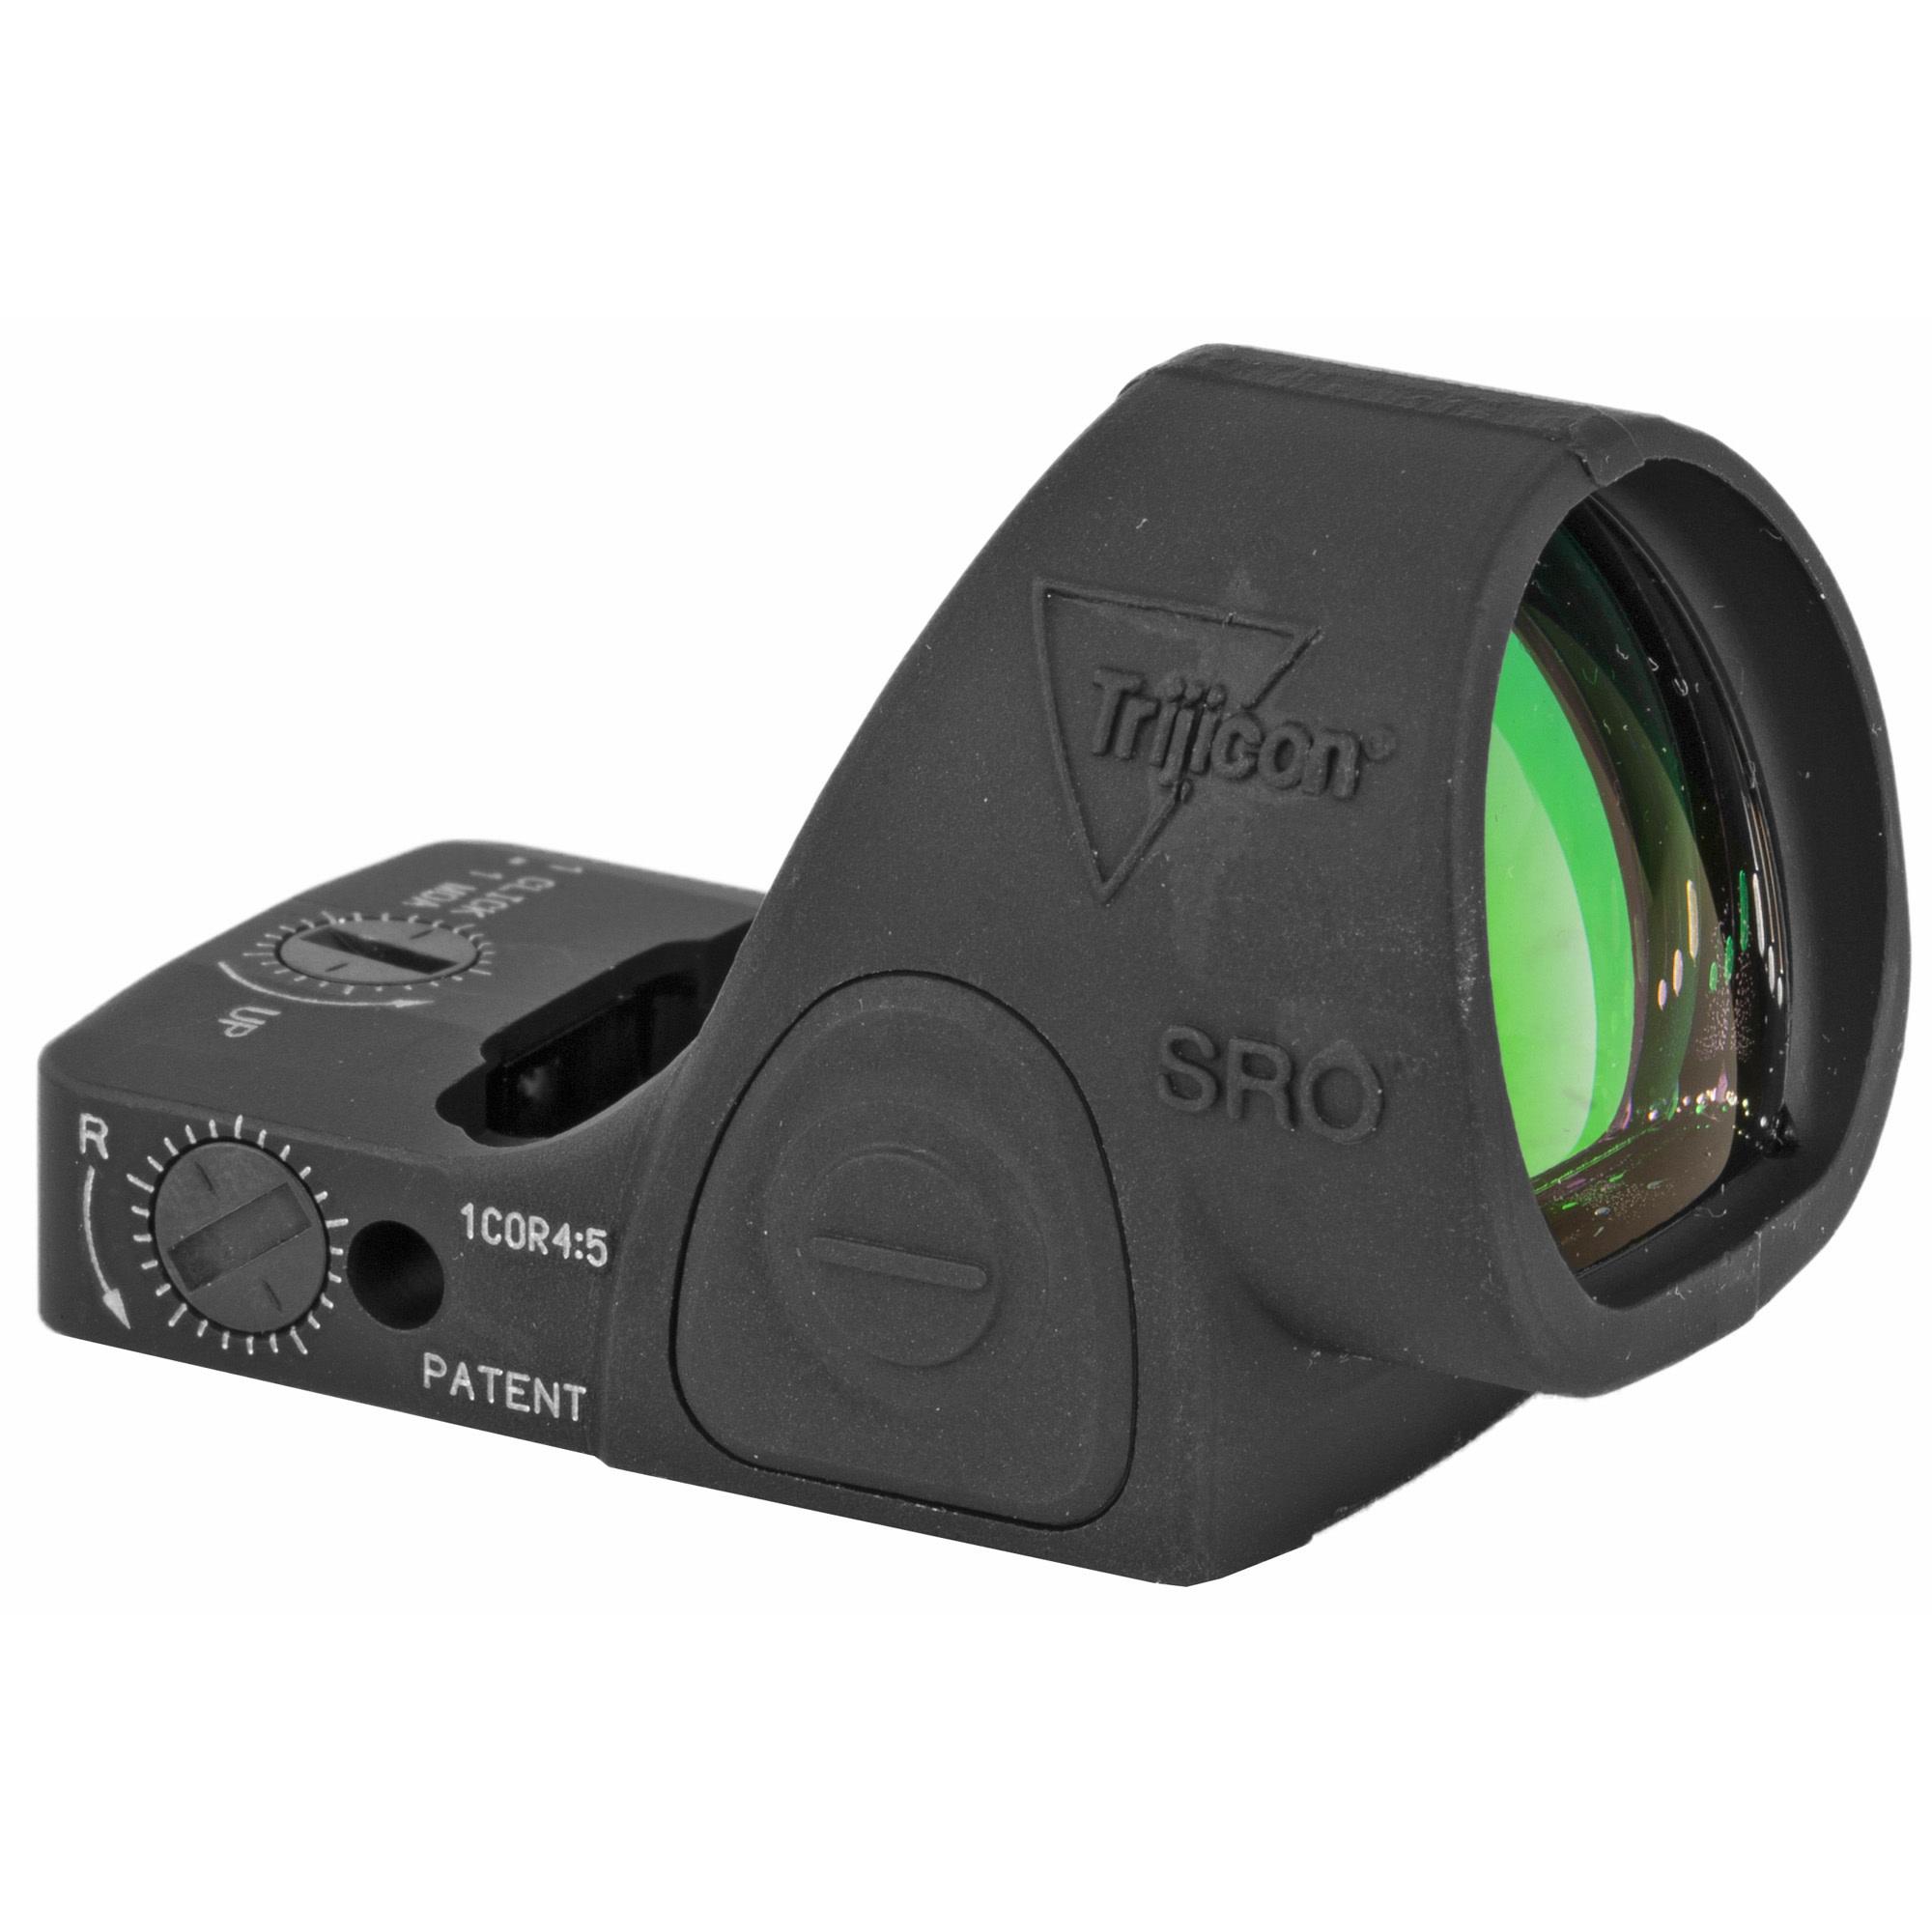 Trijicon SRO (Specialized Reflex Optic), 2.5 MOA, Adjustable LED, Black